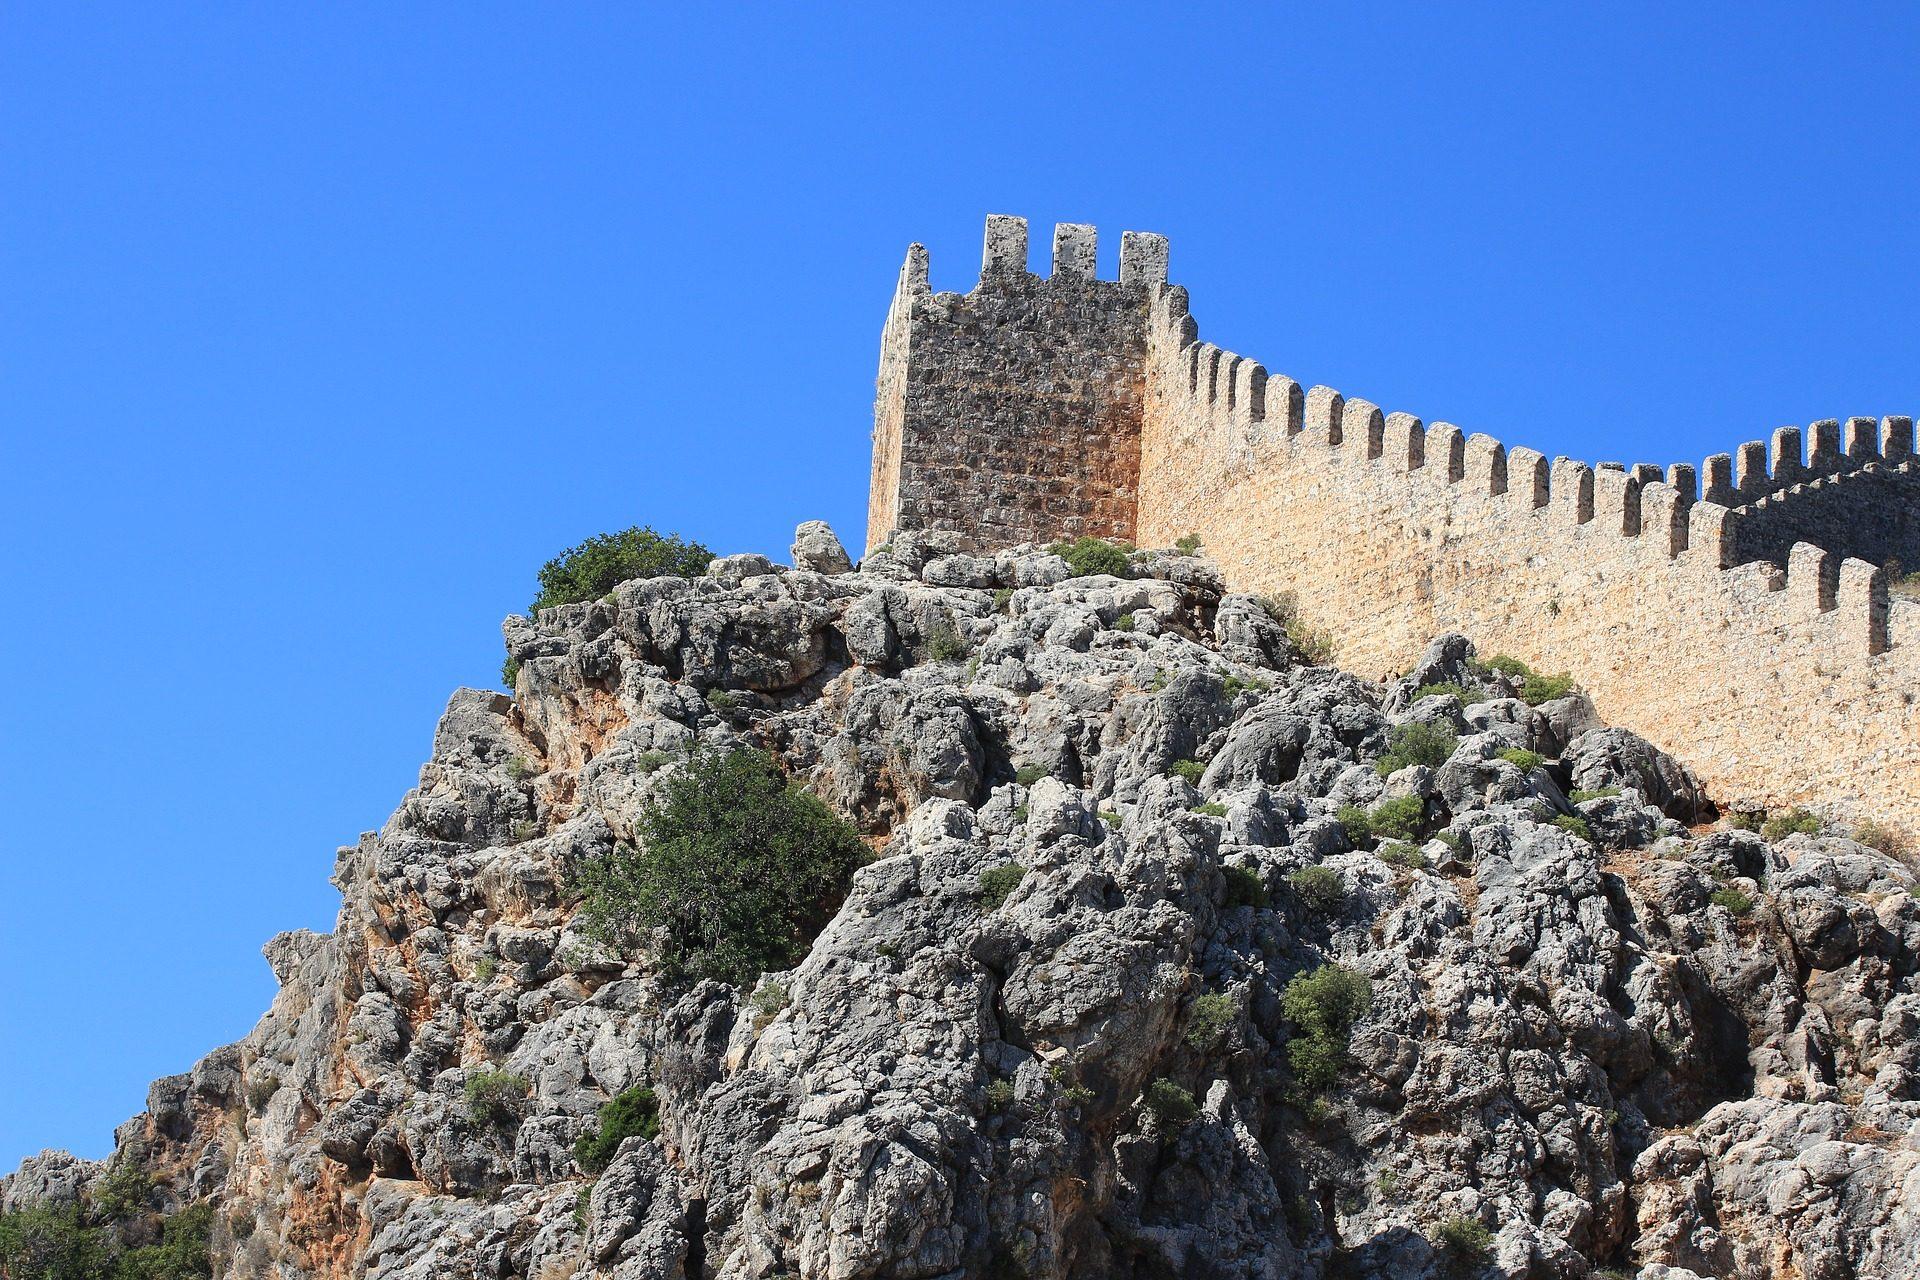 Замок, Монтанья, руины, Башня, Стена - Обои HD - Профессор falken.com